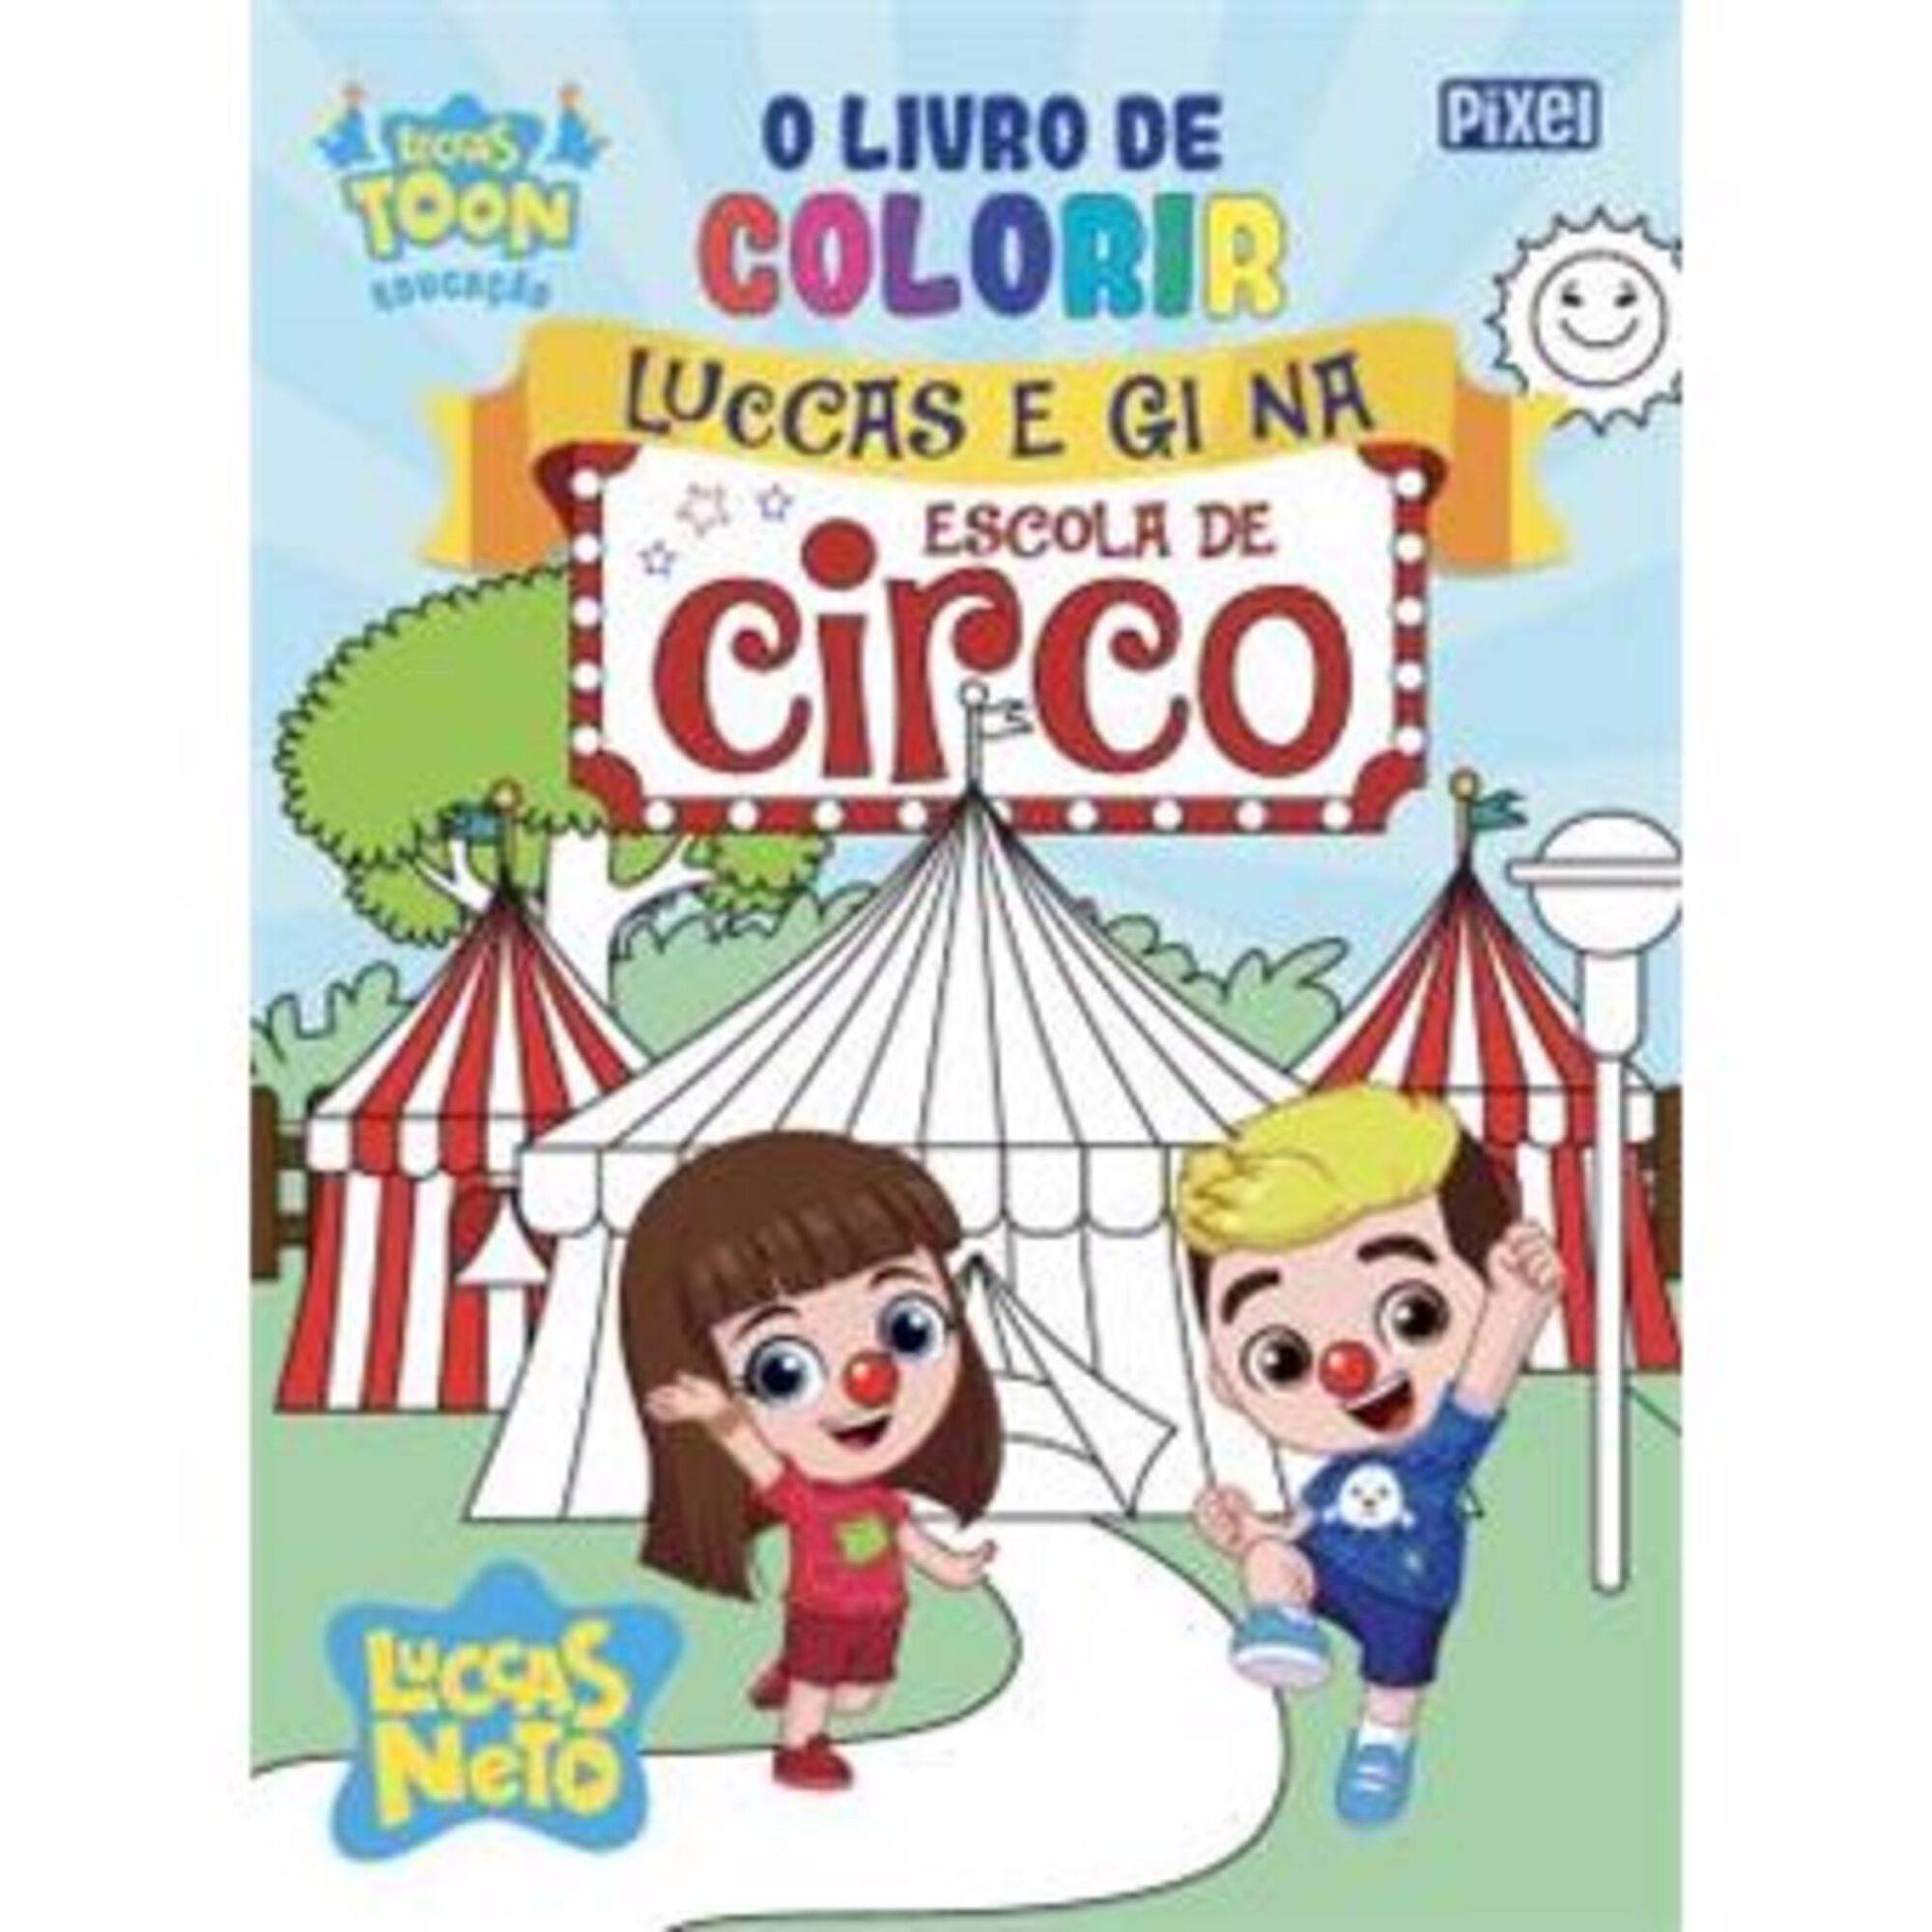 O Livro de Colorir Luccas e Gi na Escola de Circo